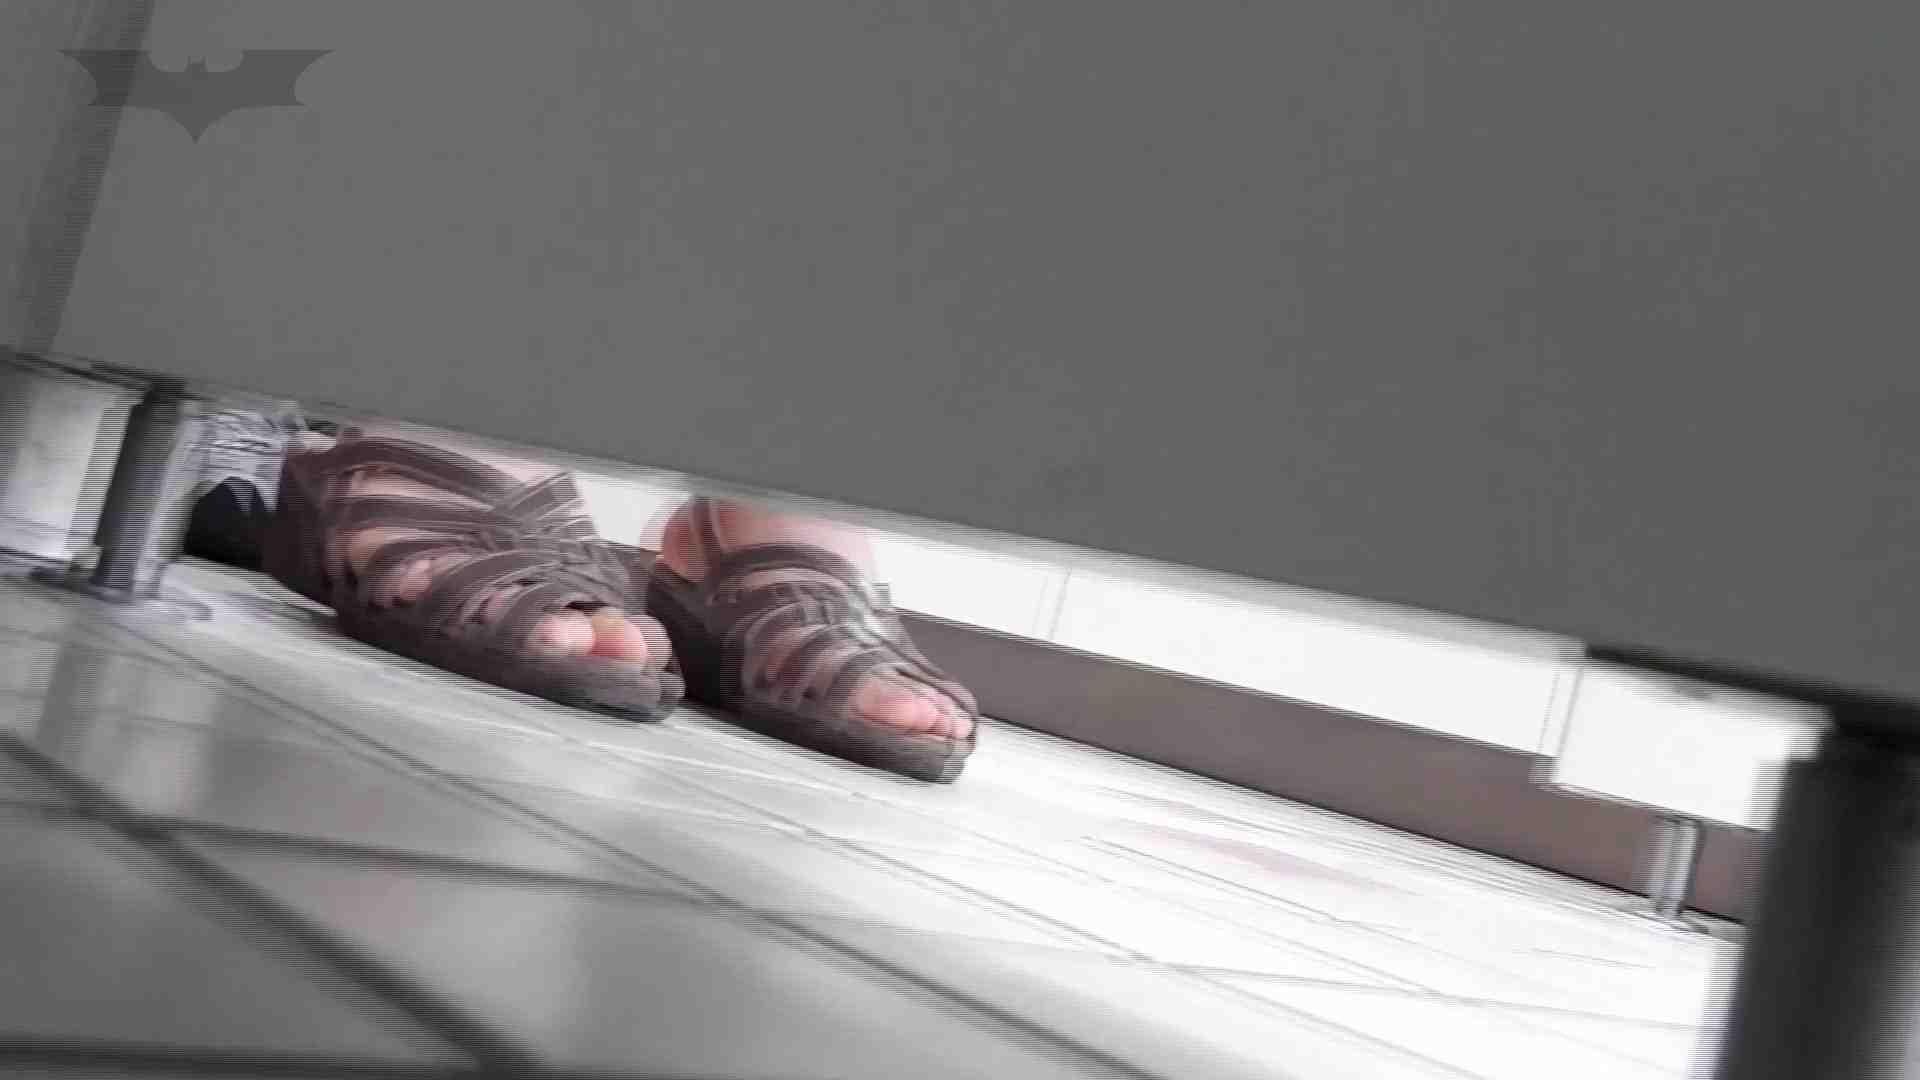 美しい日本の未来 No.36 進歩3連続作戦【2015・28位】 おまんこ エロ画像 79連発 78